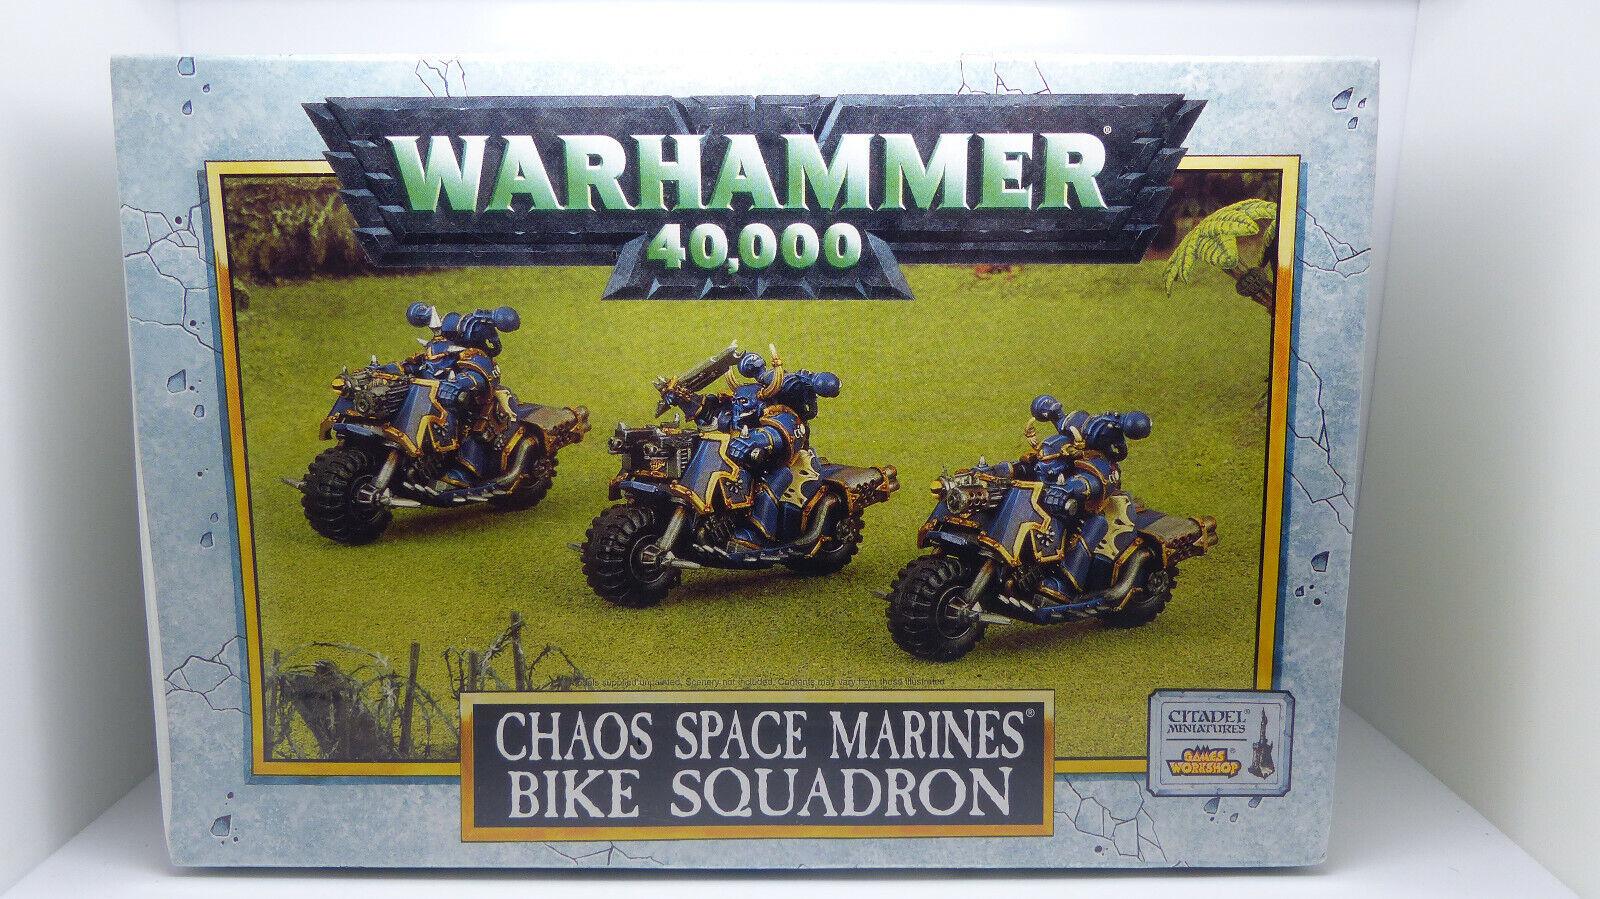 WARHAMMER 40K Chaos spazio Marine Bike SQUADRONE  in Mettuttio Nuovo di zecca con scatola SIGILLATO oldhammer fuori catalogo  Garanzia del prezzo al 100%